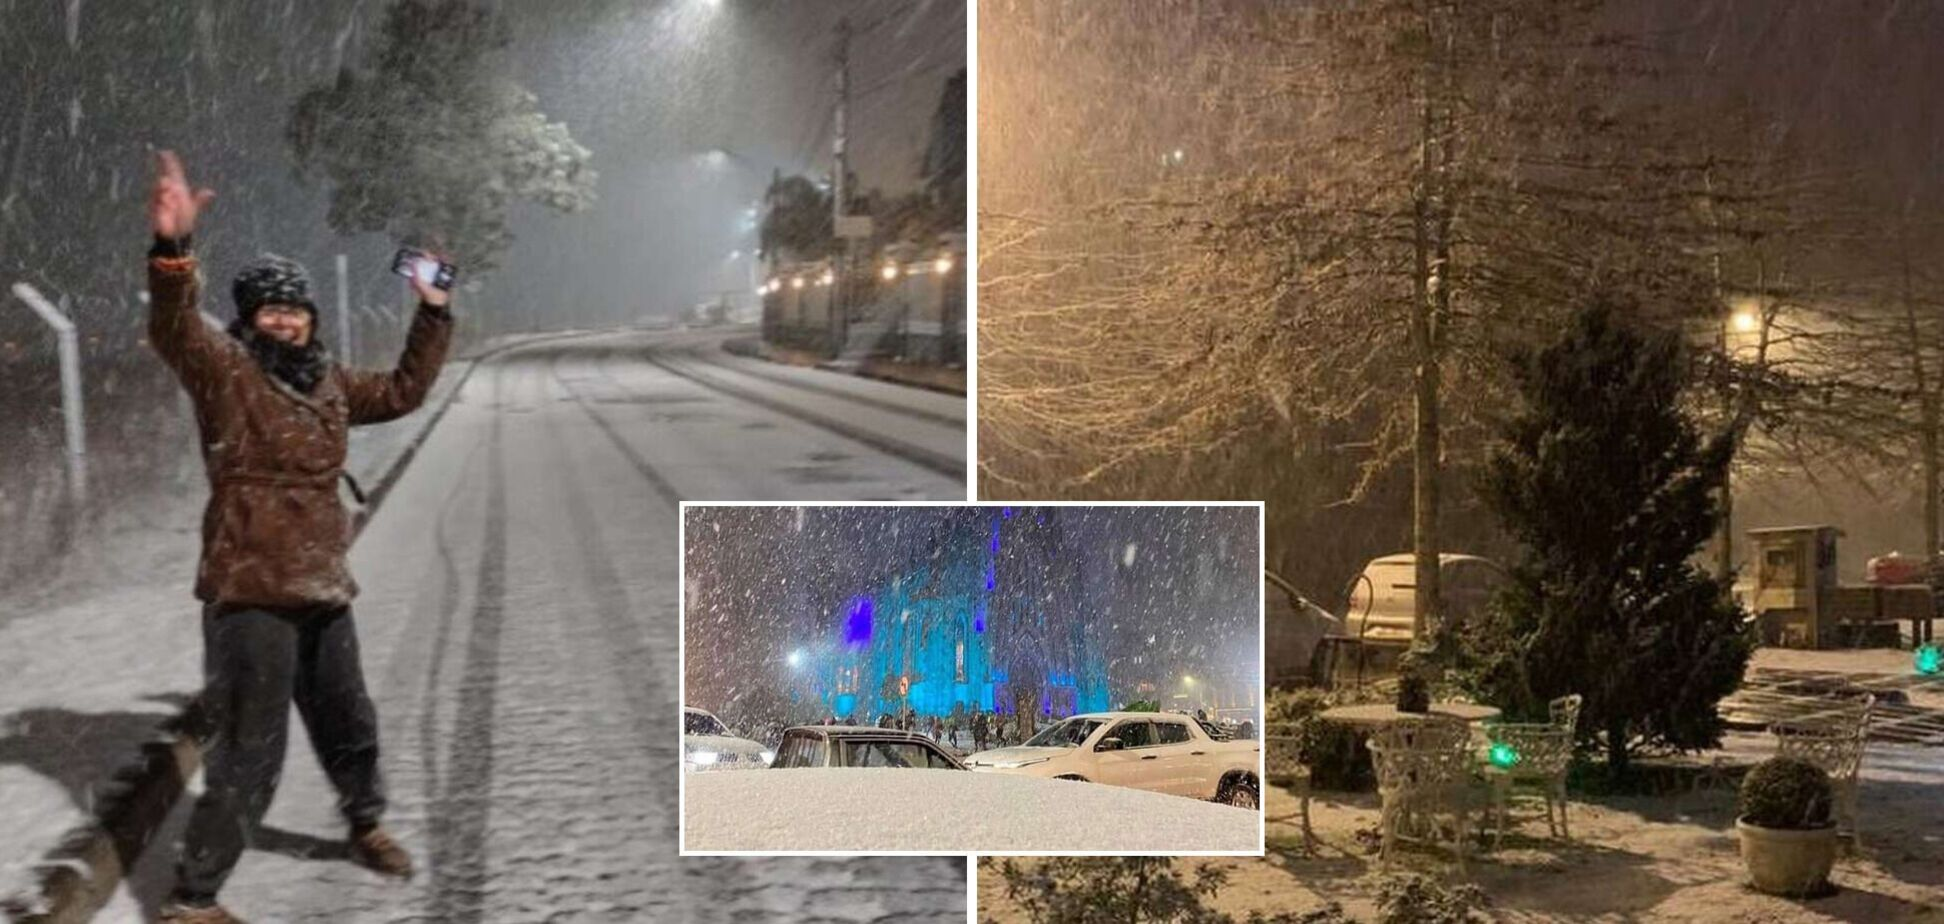 Бразилию засыпало снегом в июле, такого холода не было 65 лет. Фото и видео